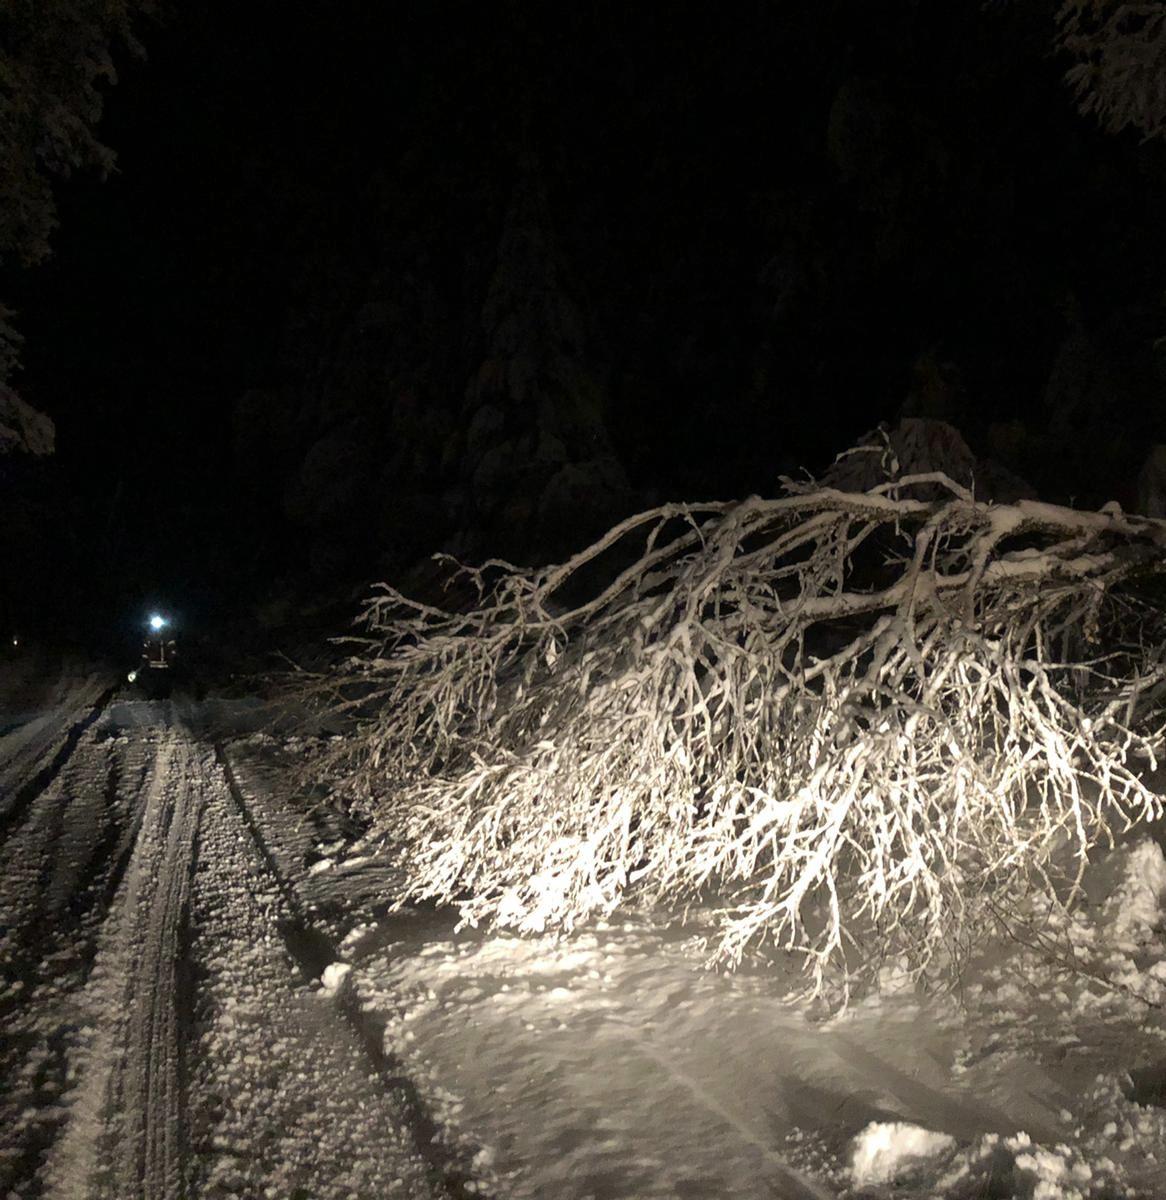 10 / 2021 Baum auf Fahrbahn